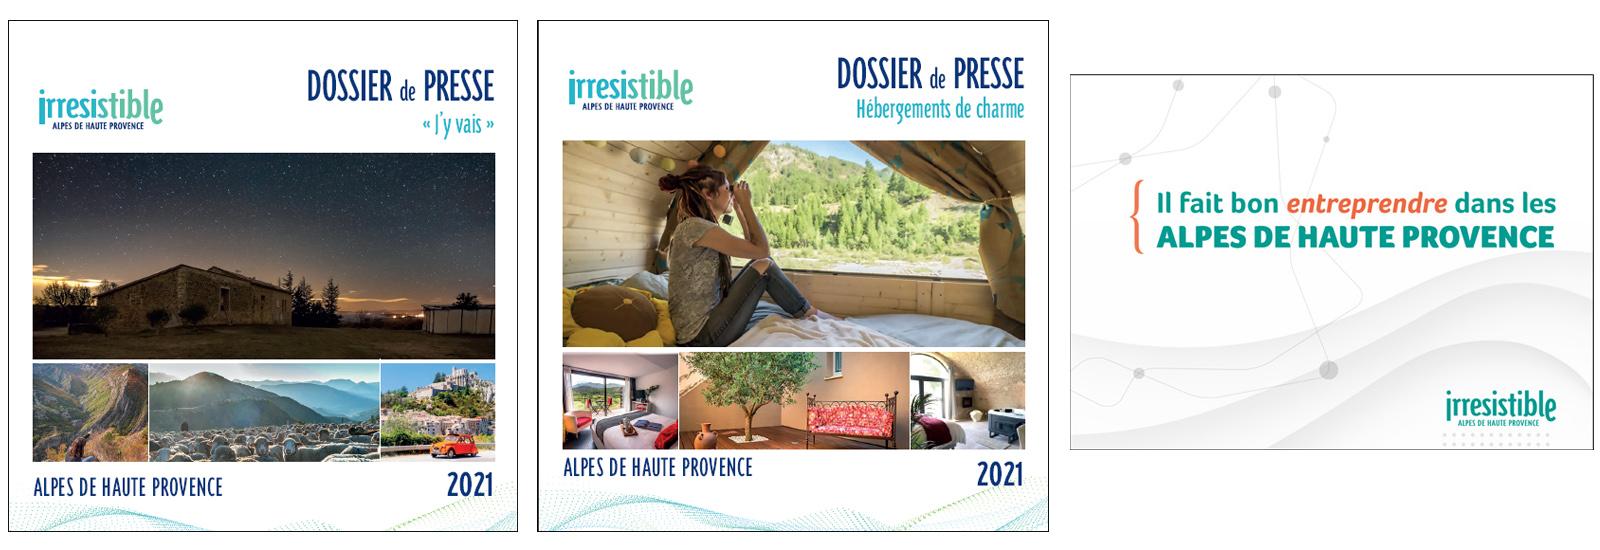 dossiers de presse irresistible Alpes de Haute Provence 2021